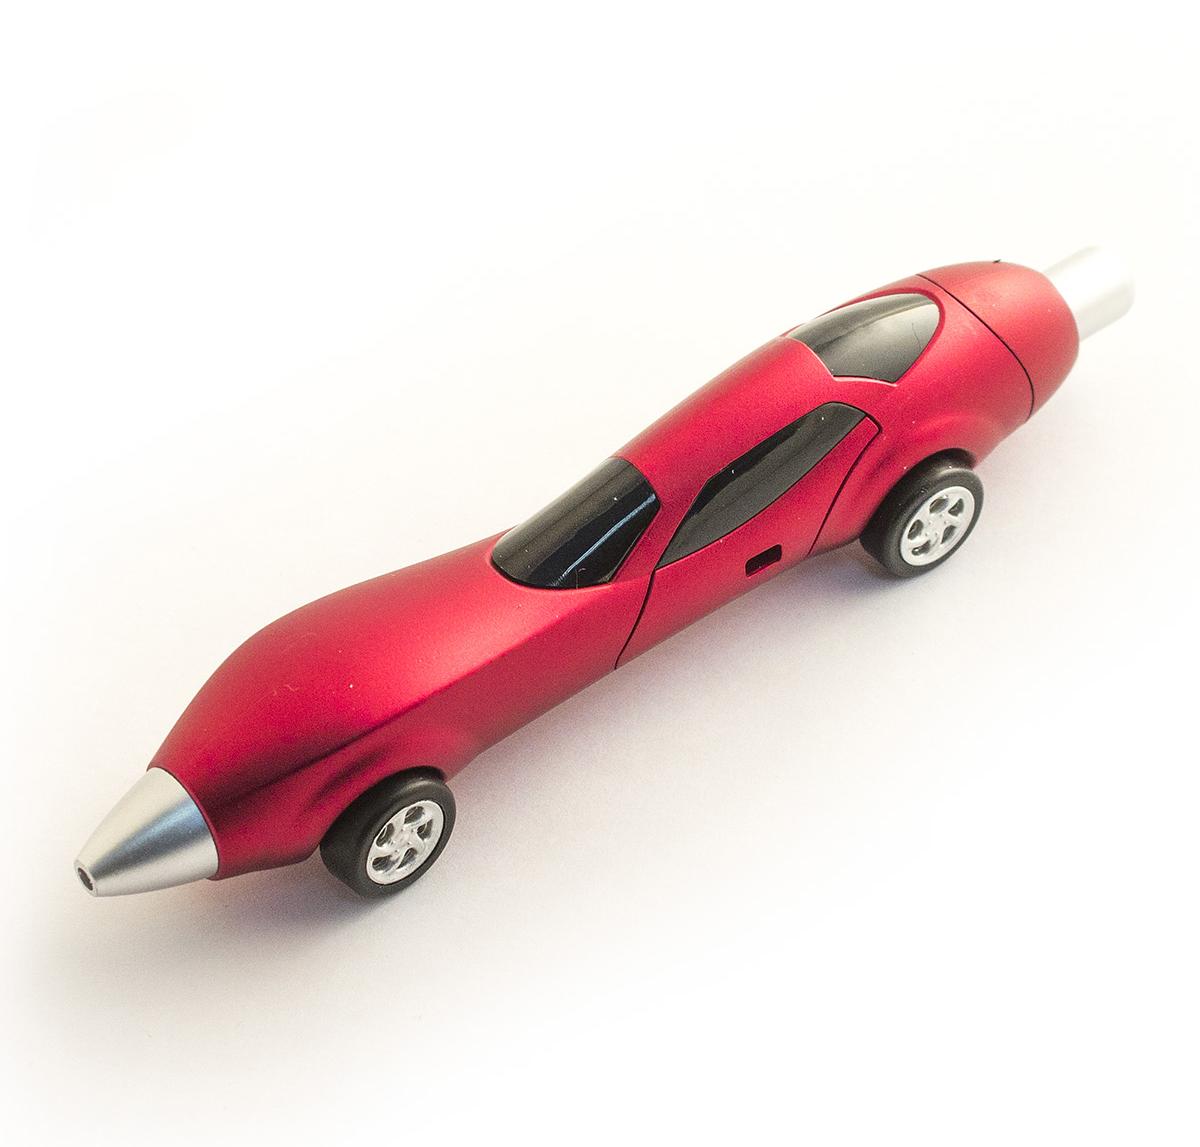 Эврика Ручка шариковая Авто №2 цвет корпуса красный98519Разноцветные миниатюрные автомобили всегда производят впечатление на представителей мужской половины человечества, а если это еще и удобная шариковая ручкаАвто №2, которую так приятно держать за обтекаемые бока, то радость длится существенно дольше. Стержень сменяемый.